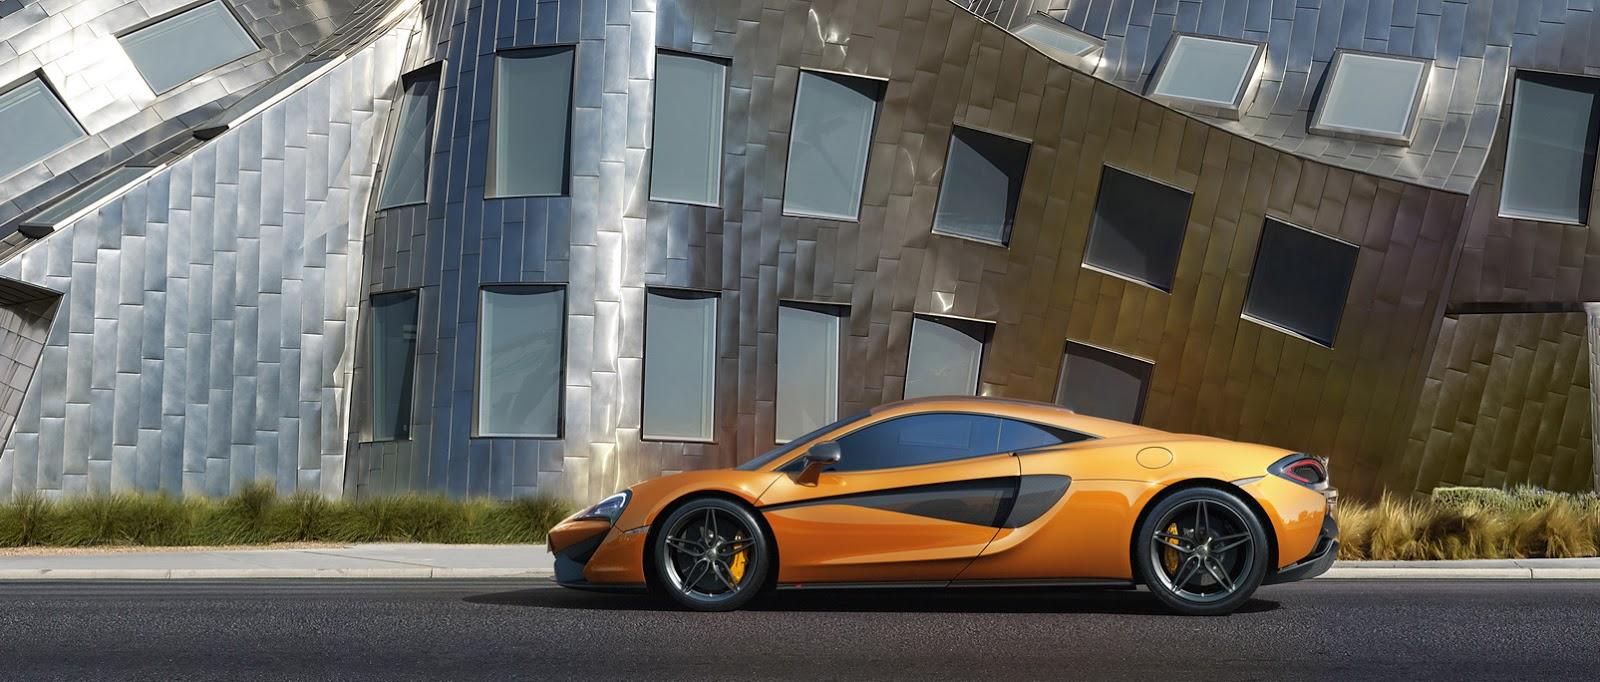 McLaren-570S-9.jpeg